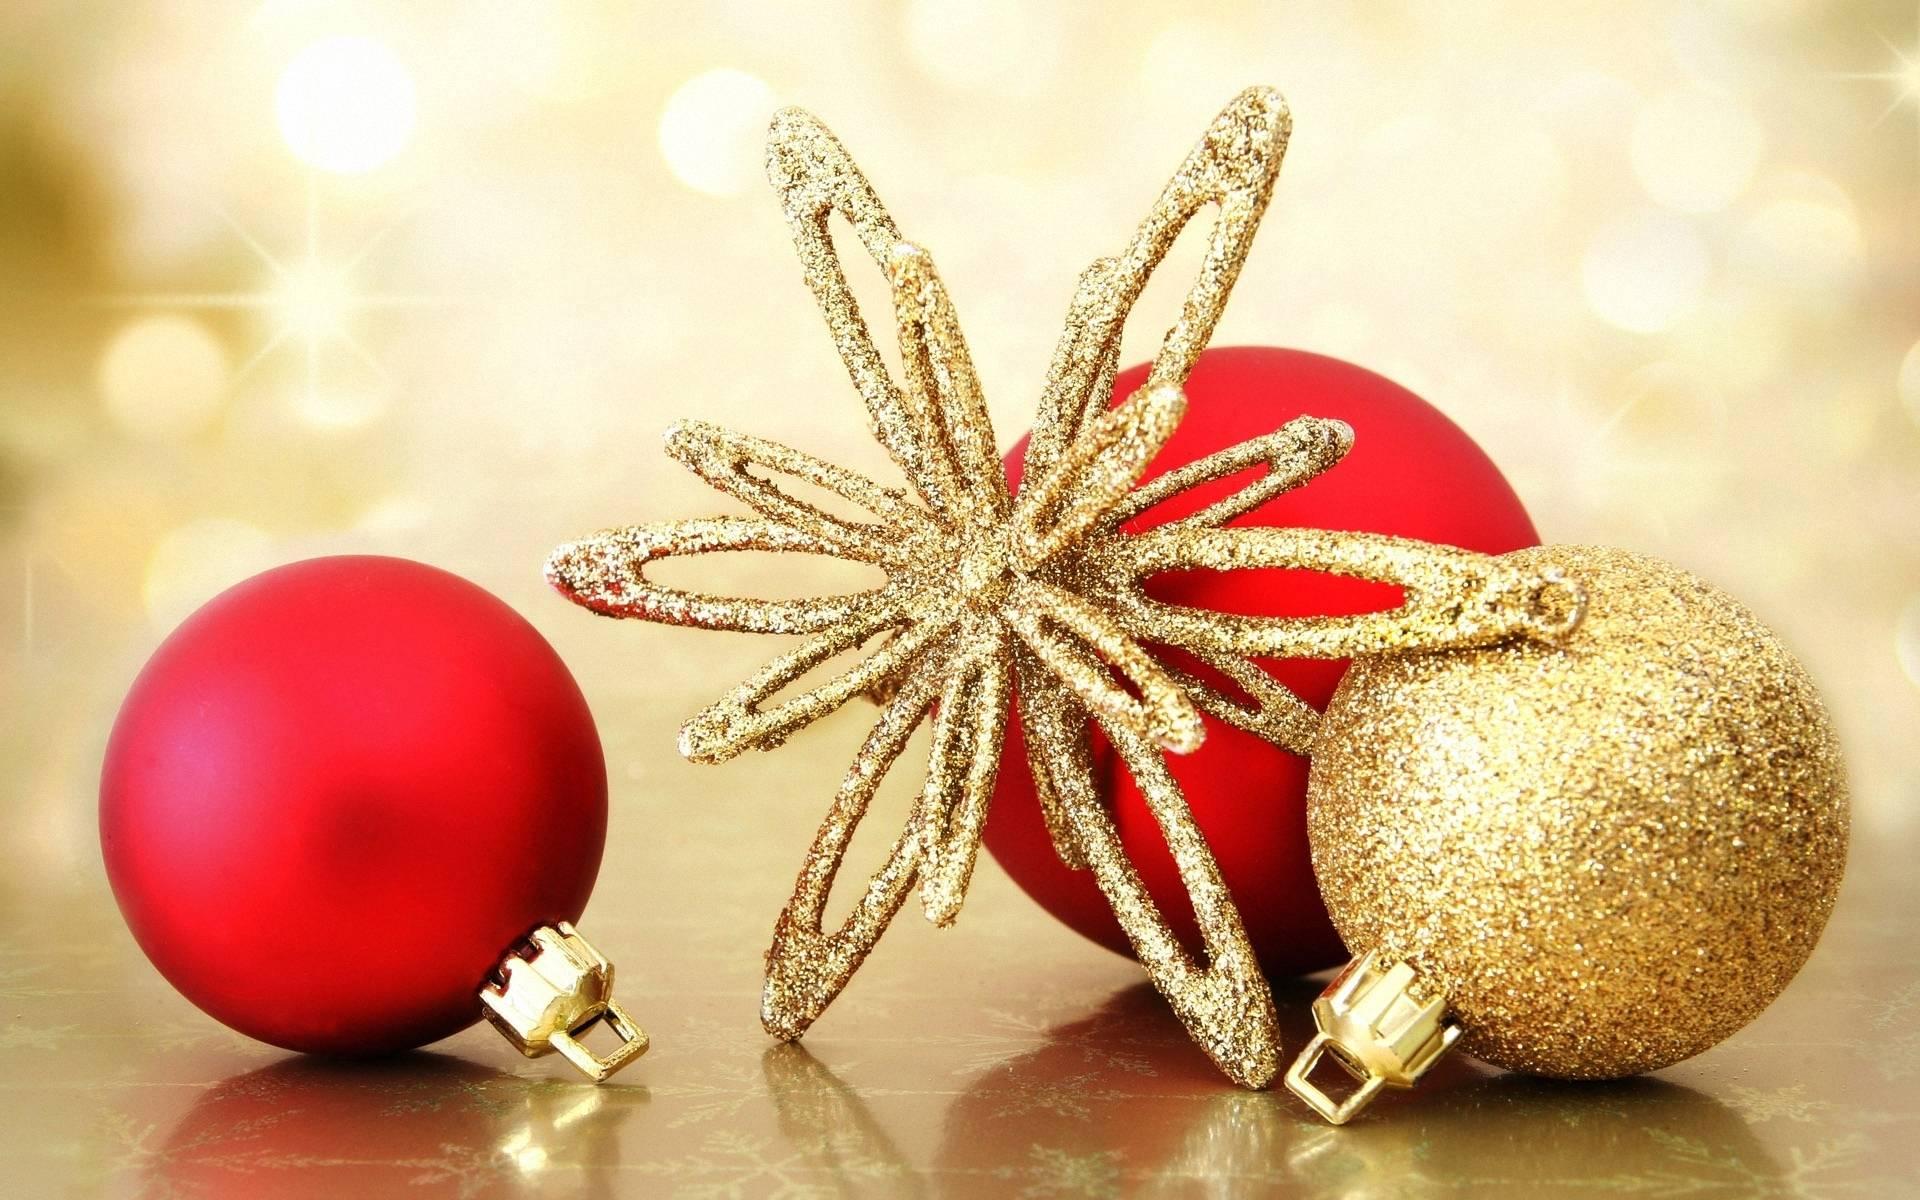 Golden Christmas ornaments - Christmas Wallpaper (22229790) - Fanpop